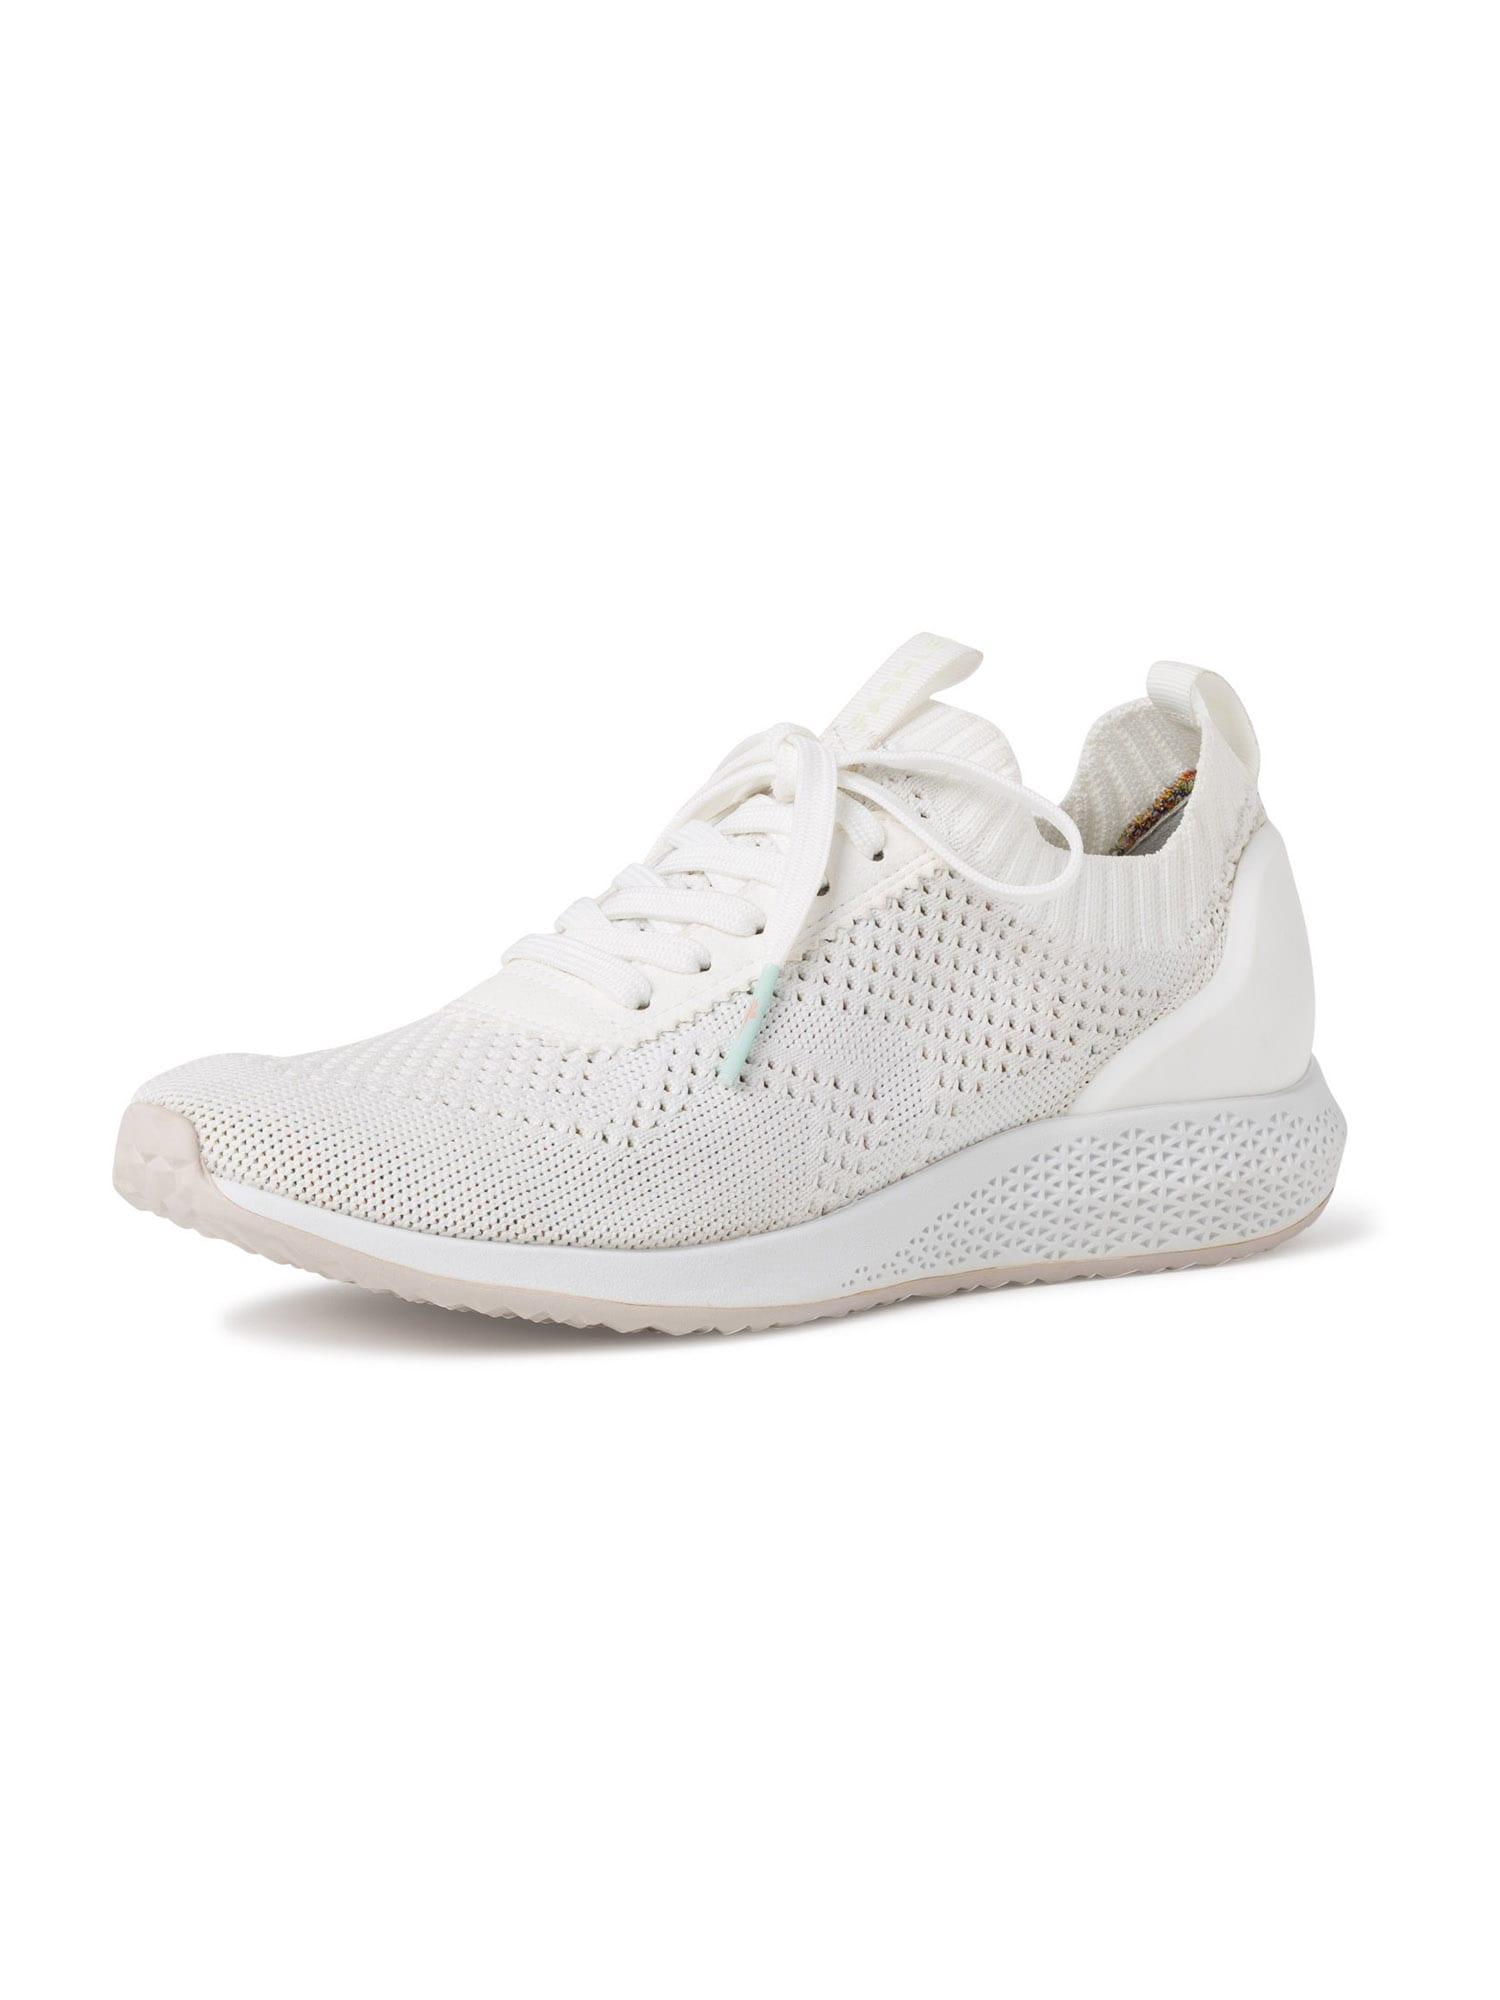 Tamaris Fashletics Sneaker balta